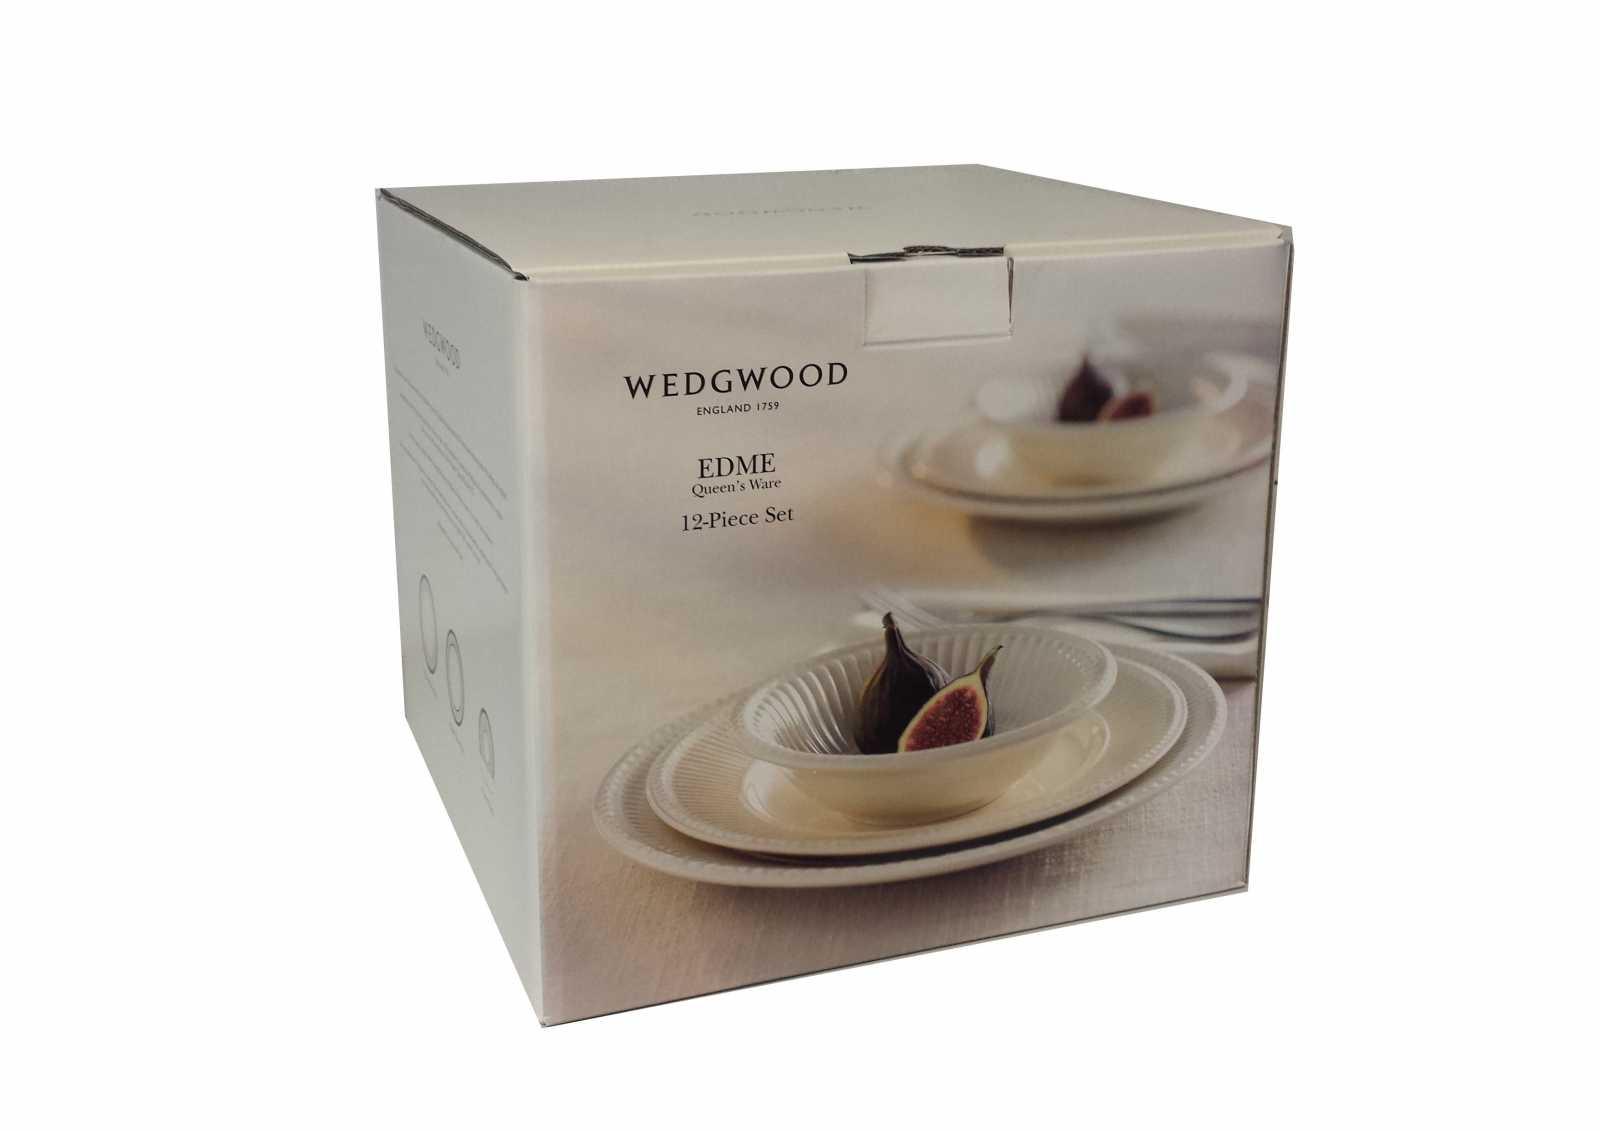 Набор столовой посуды Wedgwood EDME PLAIN, белый, 12 предметов  40009369 фото 5